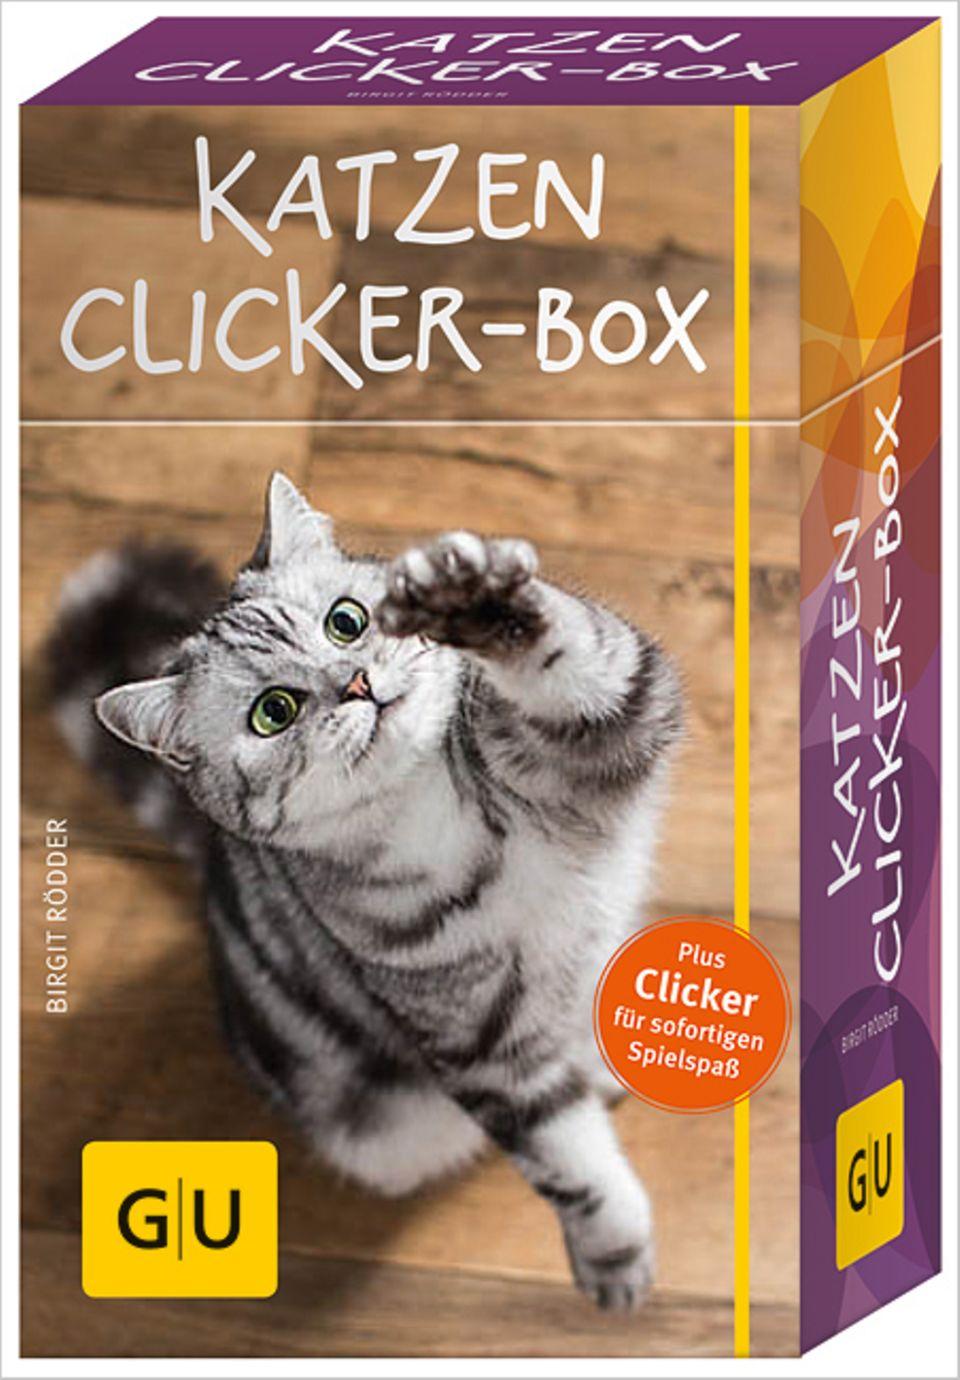 So sieht die Katzen-Clicker-Box aus